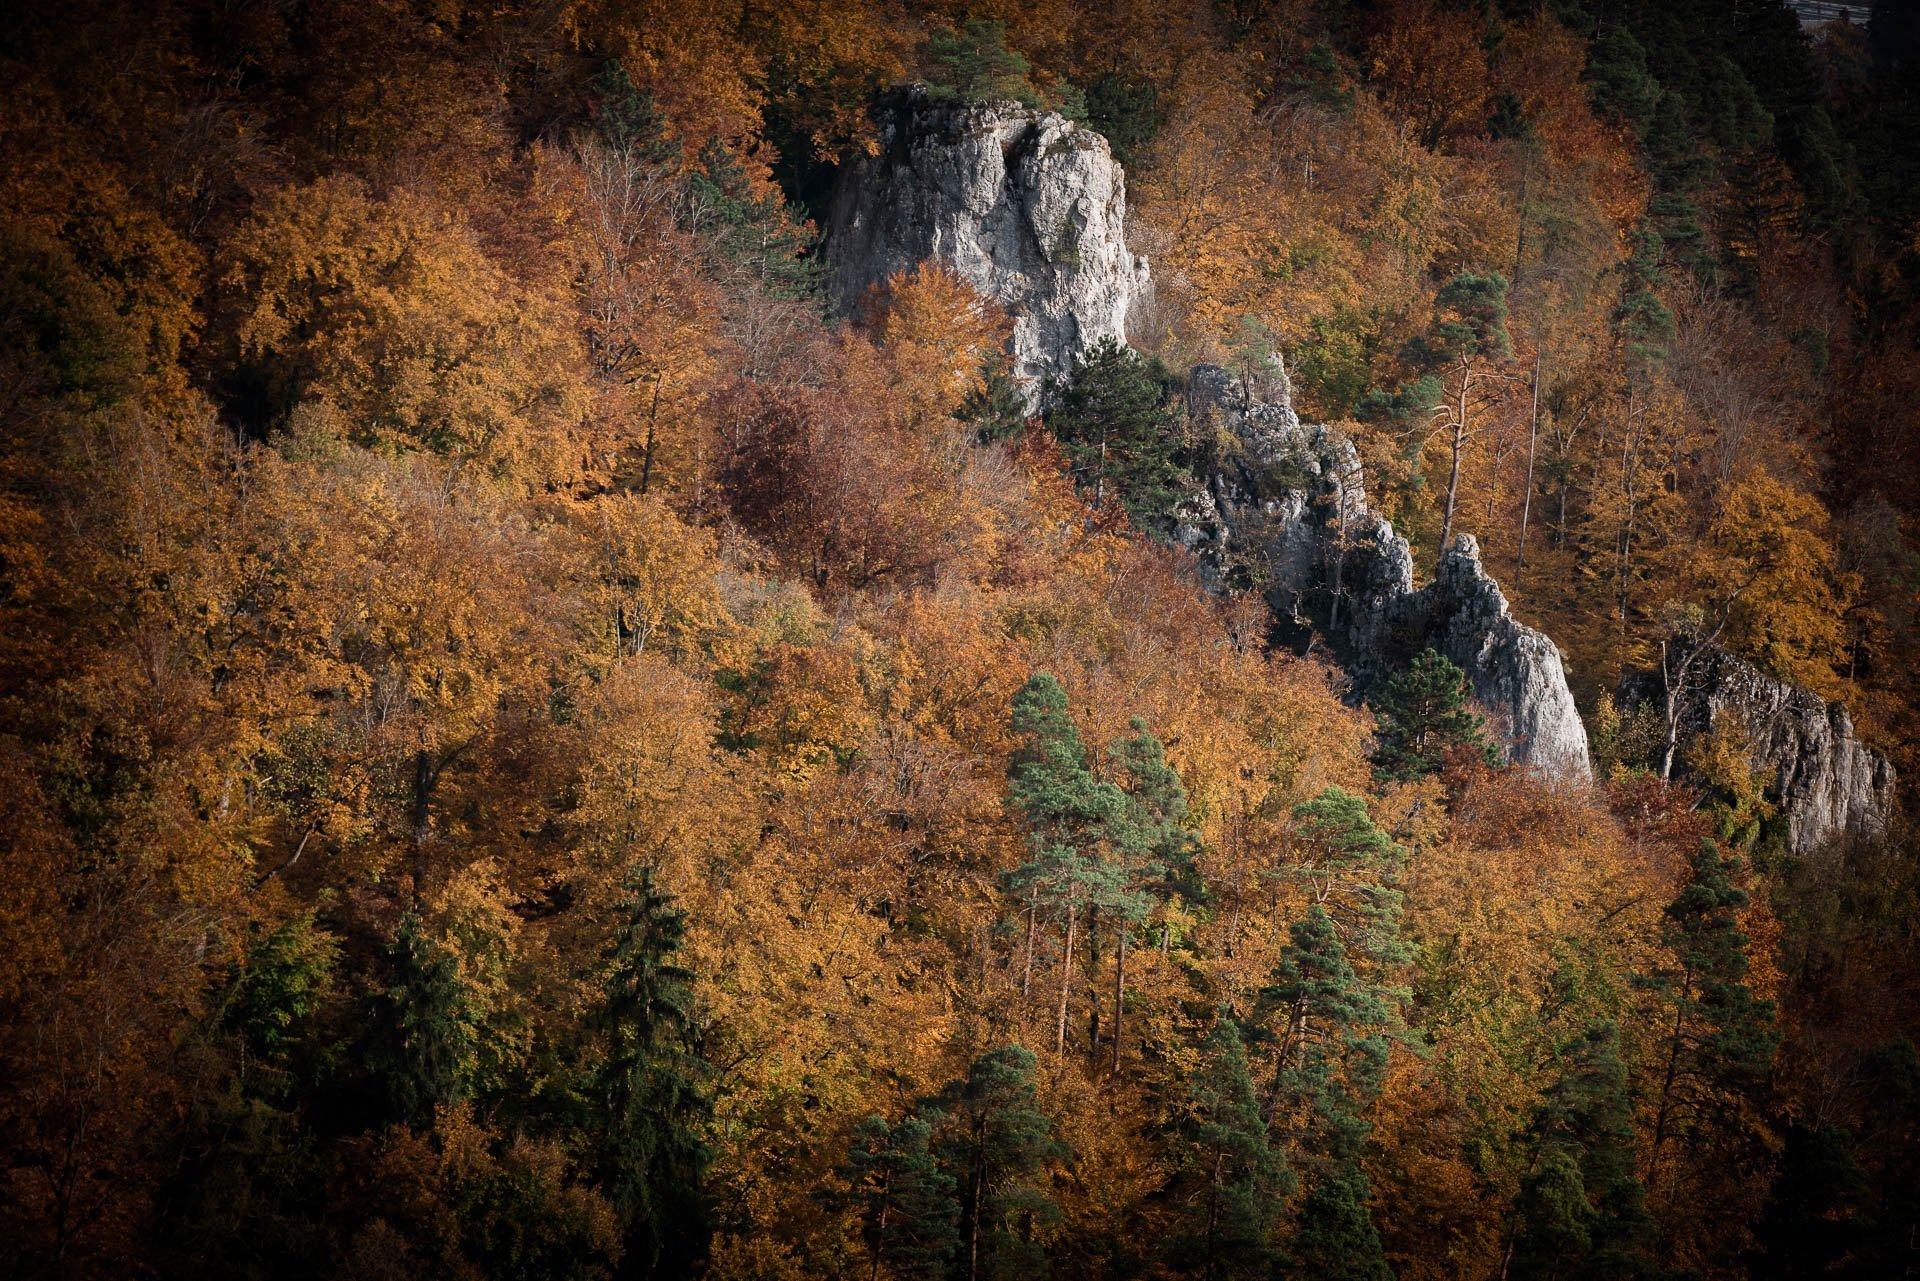 Herbst in Blaubeuren